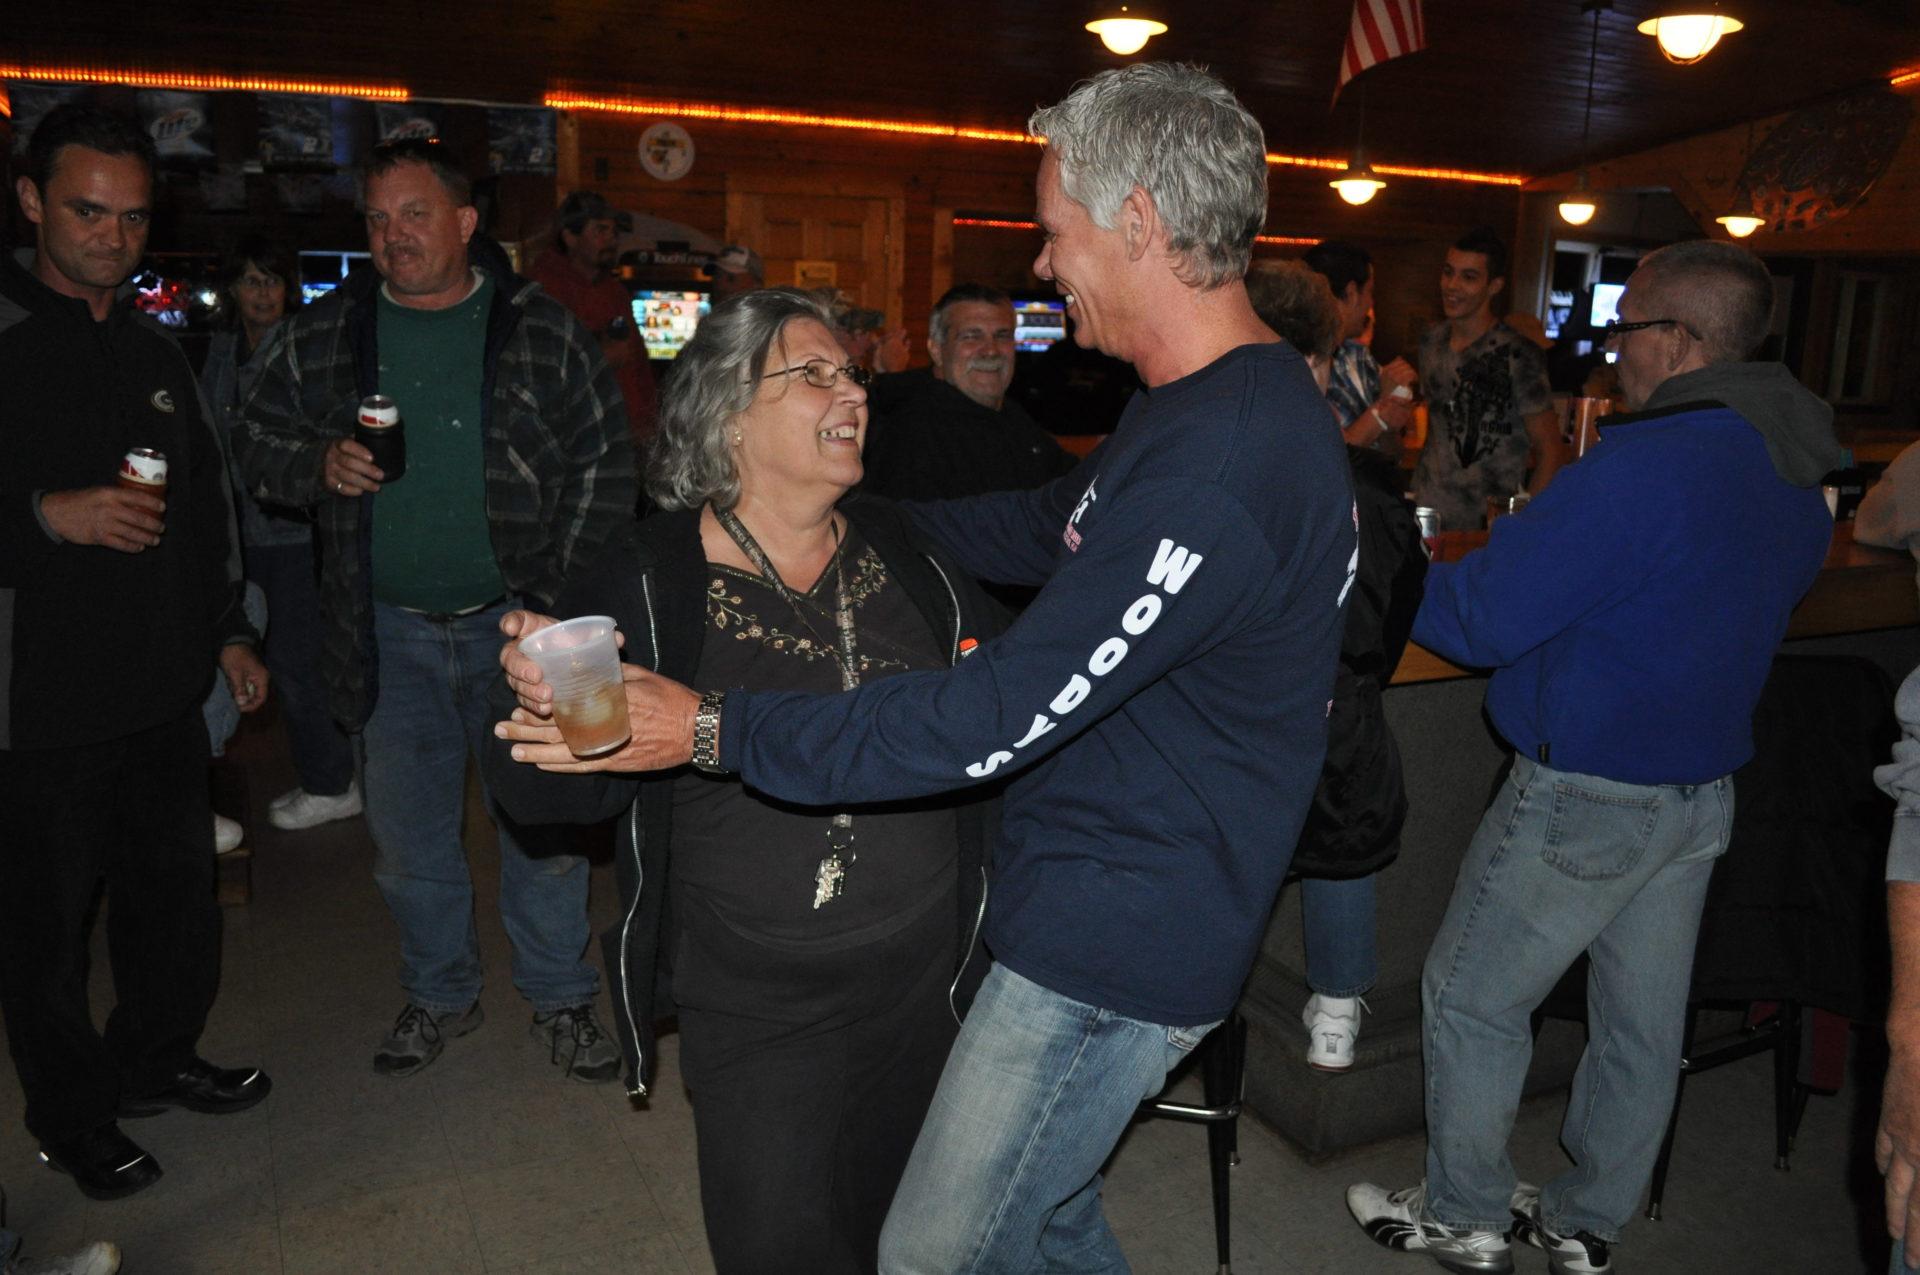 2011-10-14-people-dancing-at-champions-bar